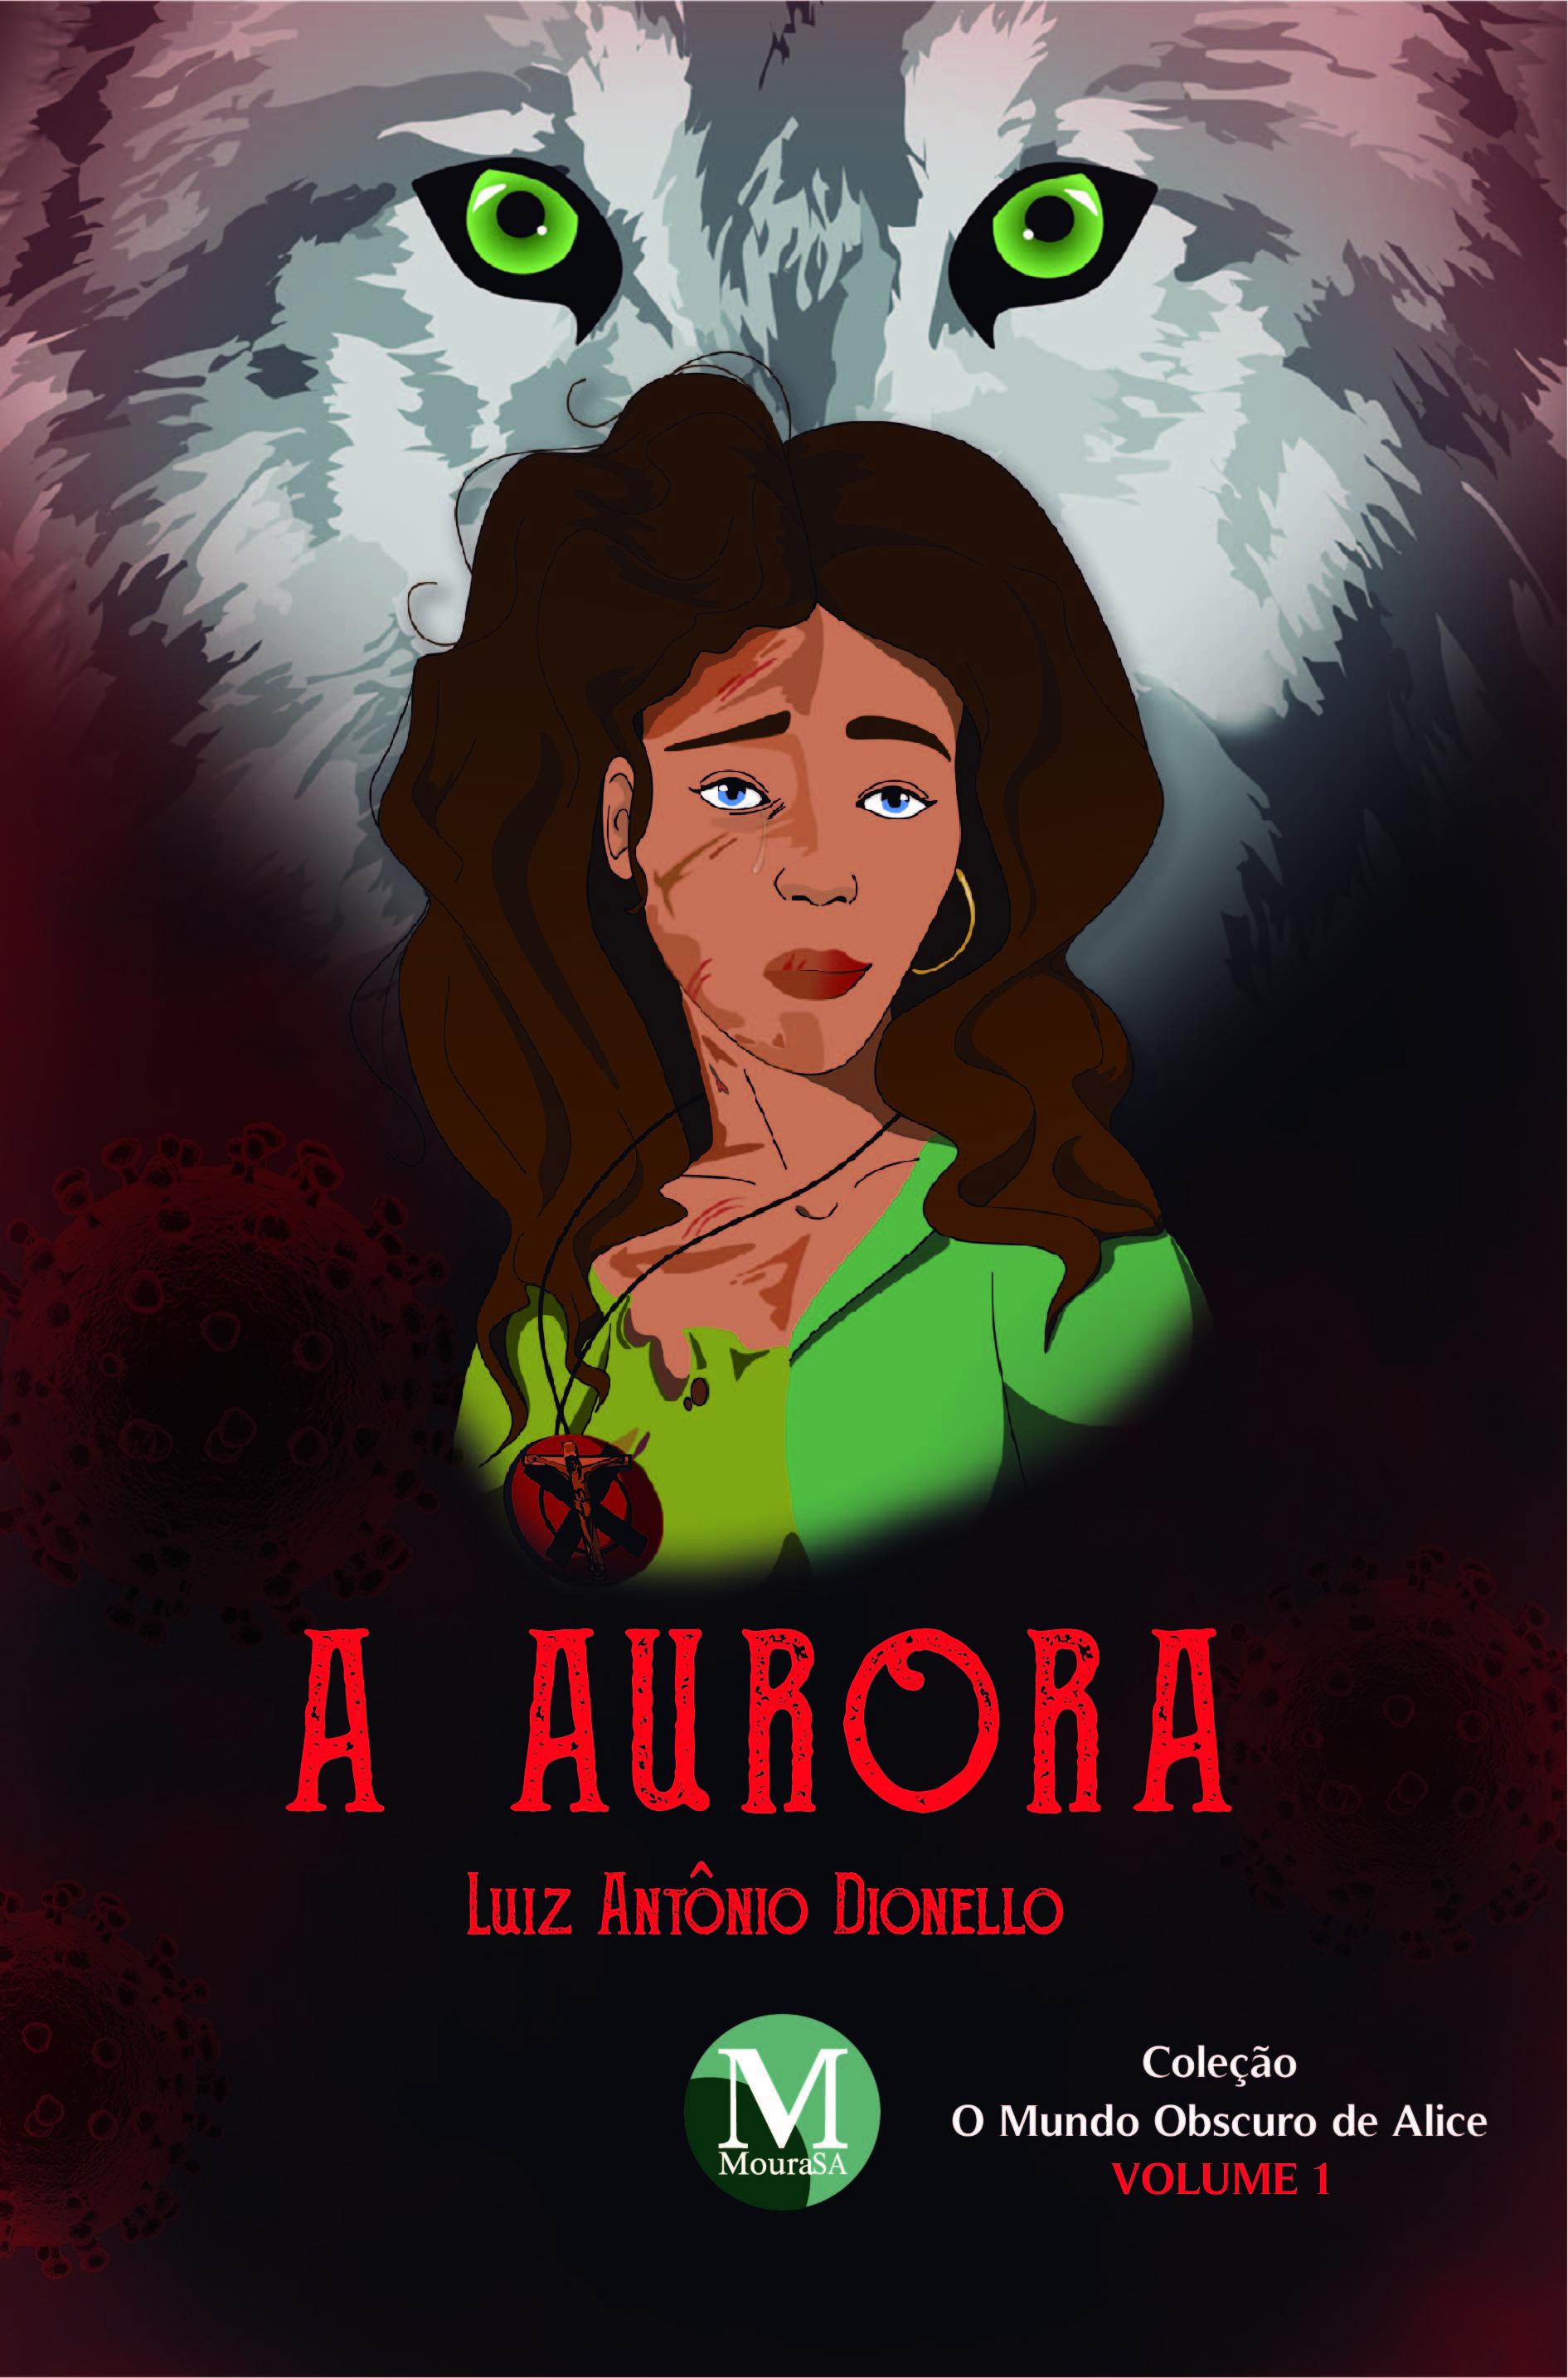 Capa do livro: A AURORA <br>COLEÇÃO: O mundo obscuro de Alice <br>VOLUME 1